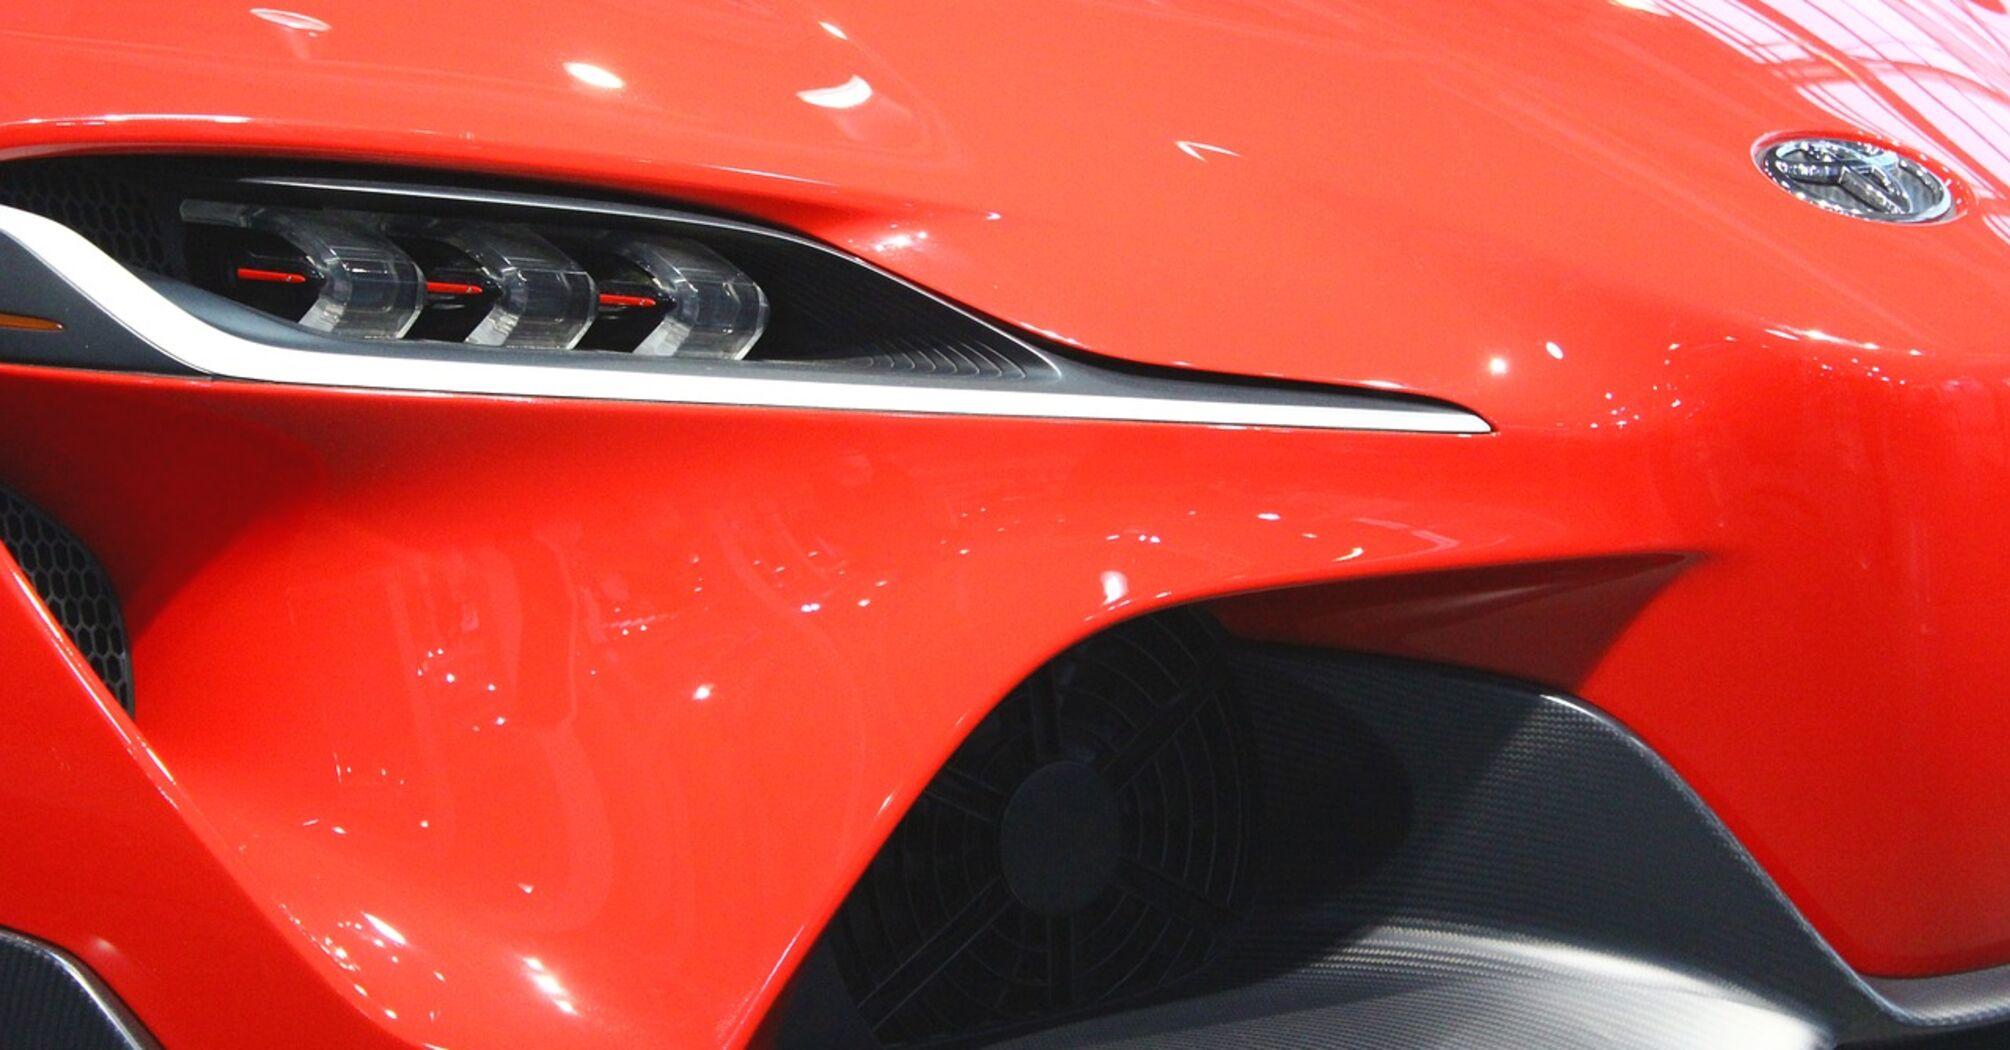 Toyota стала мировым лидером по продажам автомобилей в 2020г, впервые за 5 лет обойдя Volkswagen